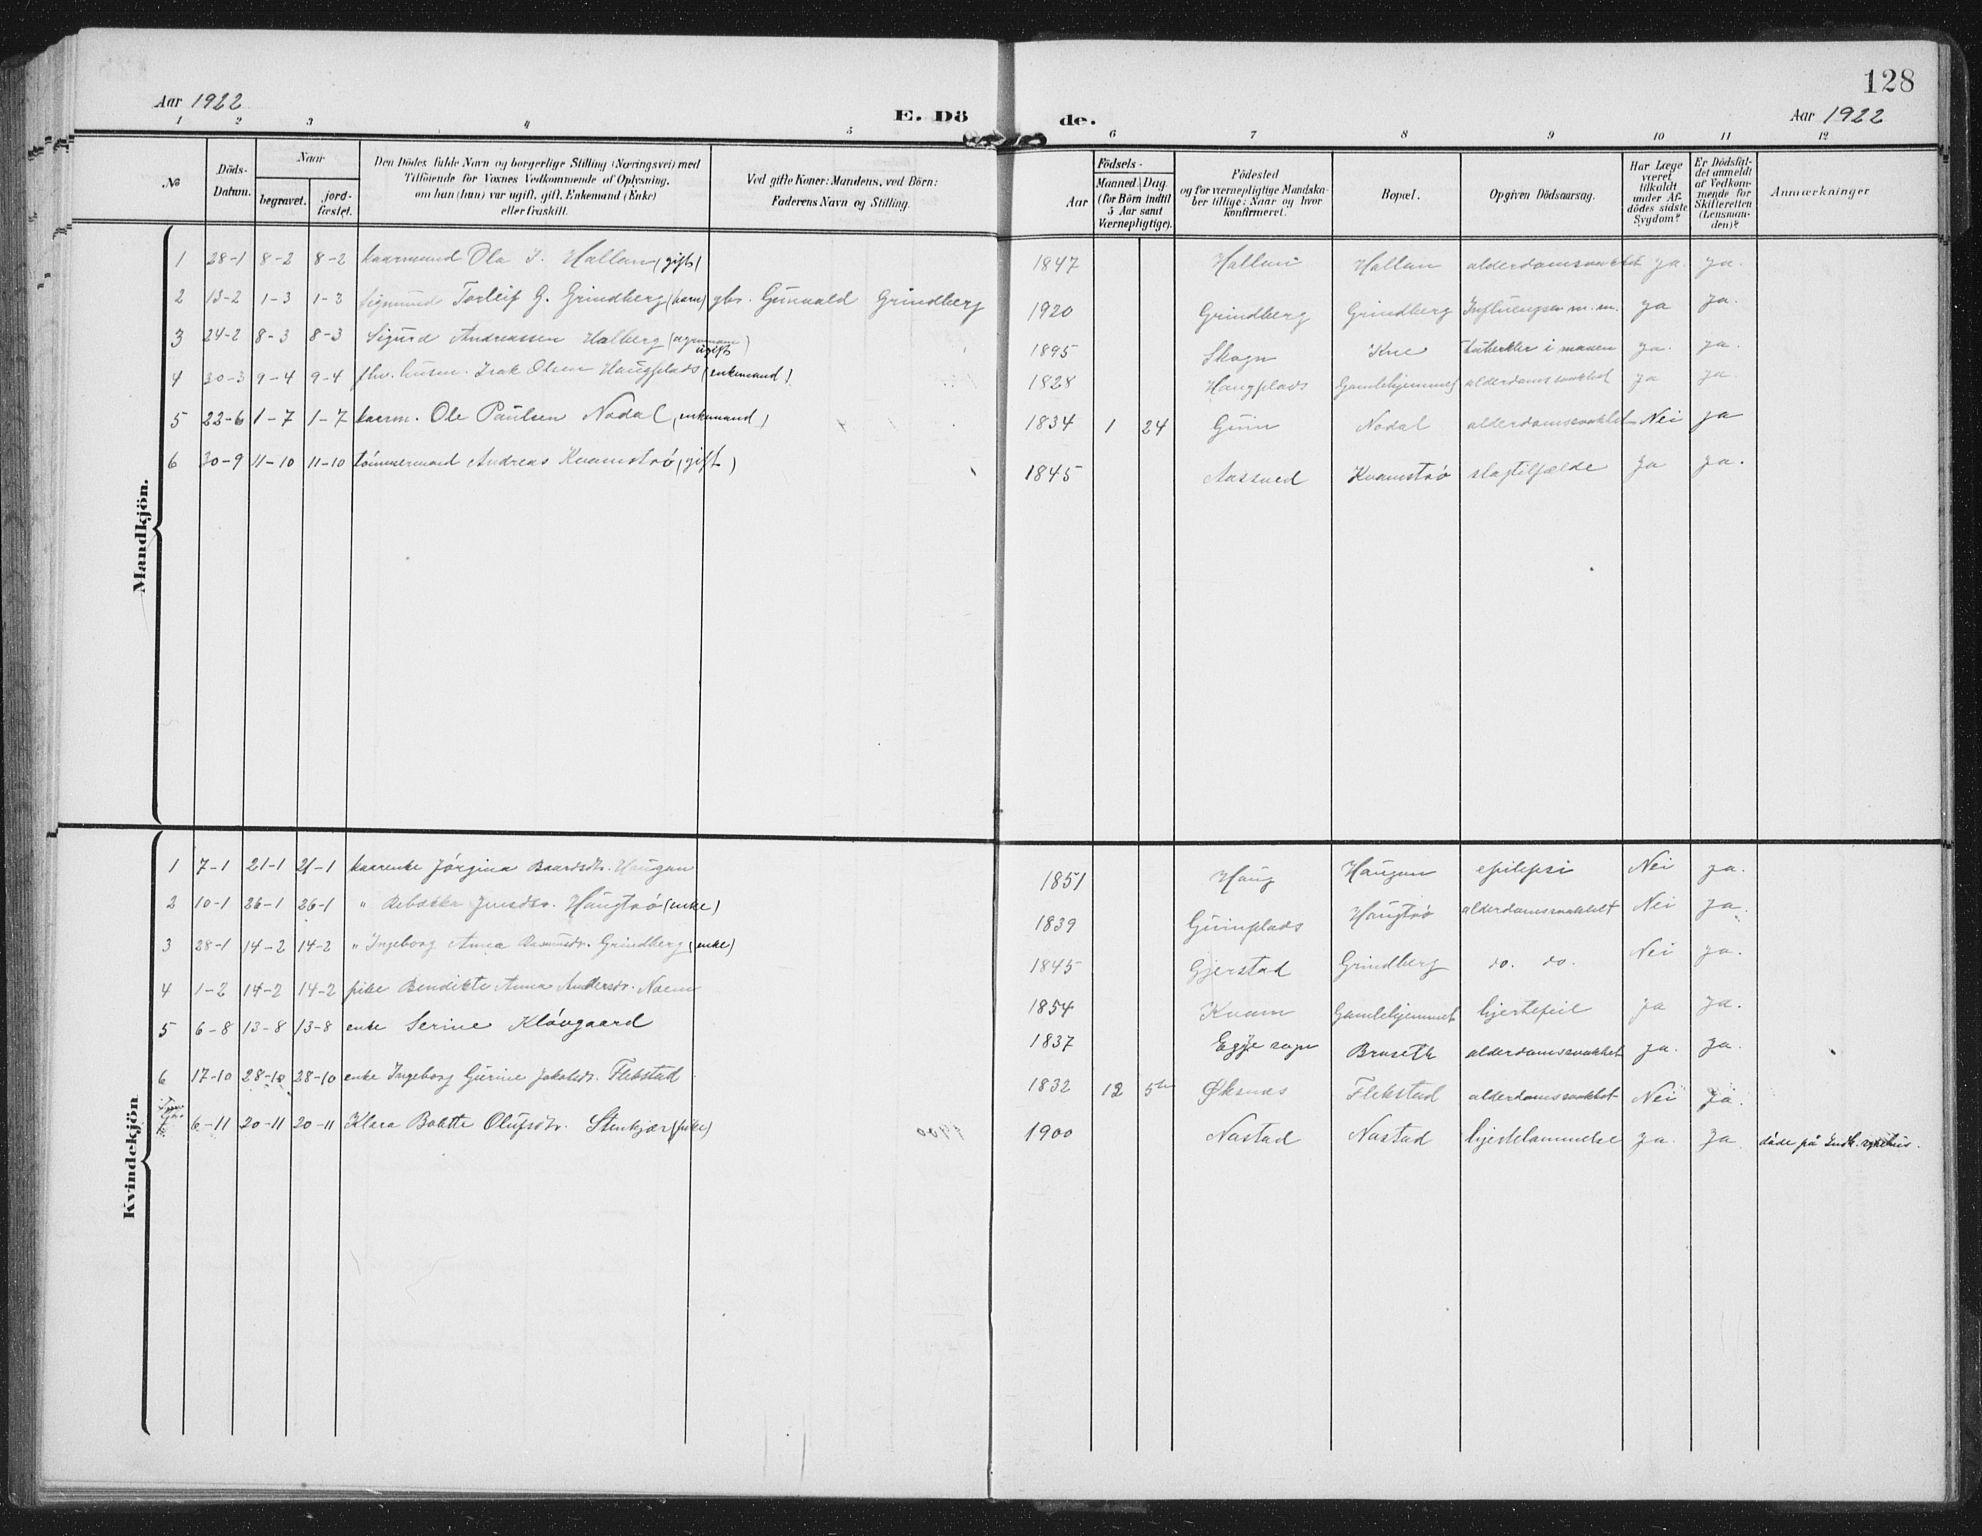 SAT, Ministerialprotokoller, klokkerbøker og fødselsregistre - Nord-Trøndelag, 747/L0460: Klokkerbok nr. 747C02, 1908-1939, s. 128